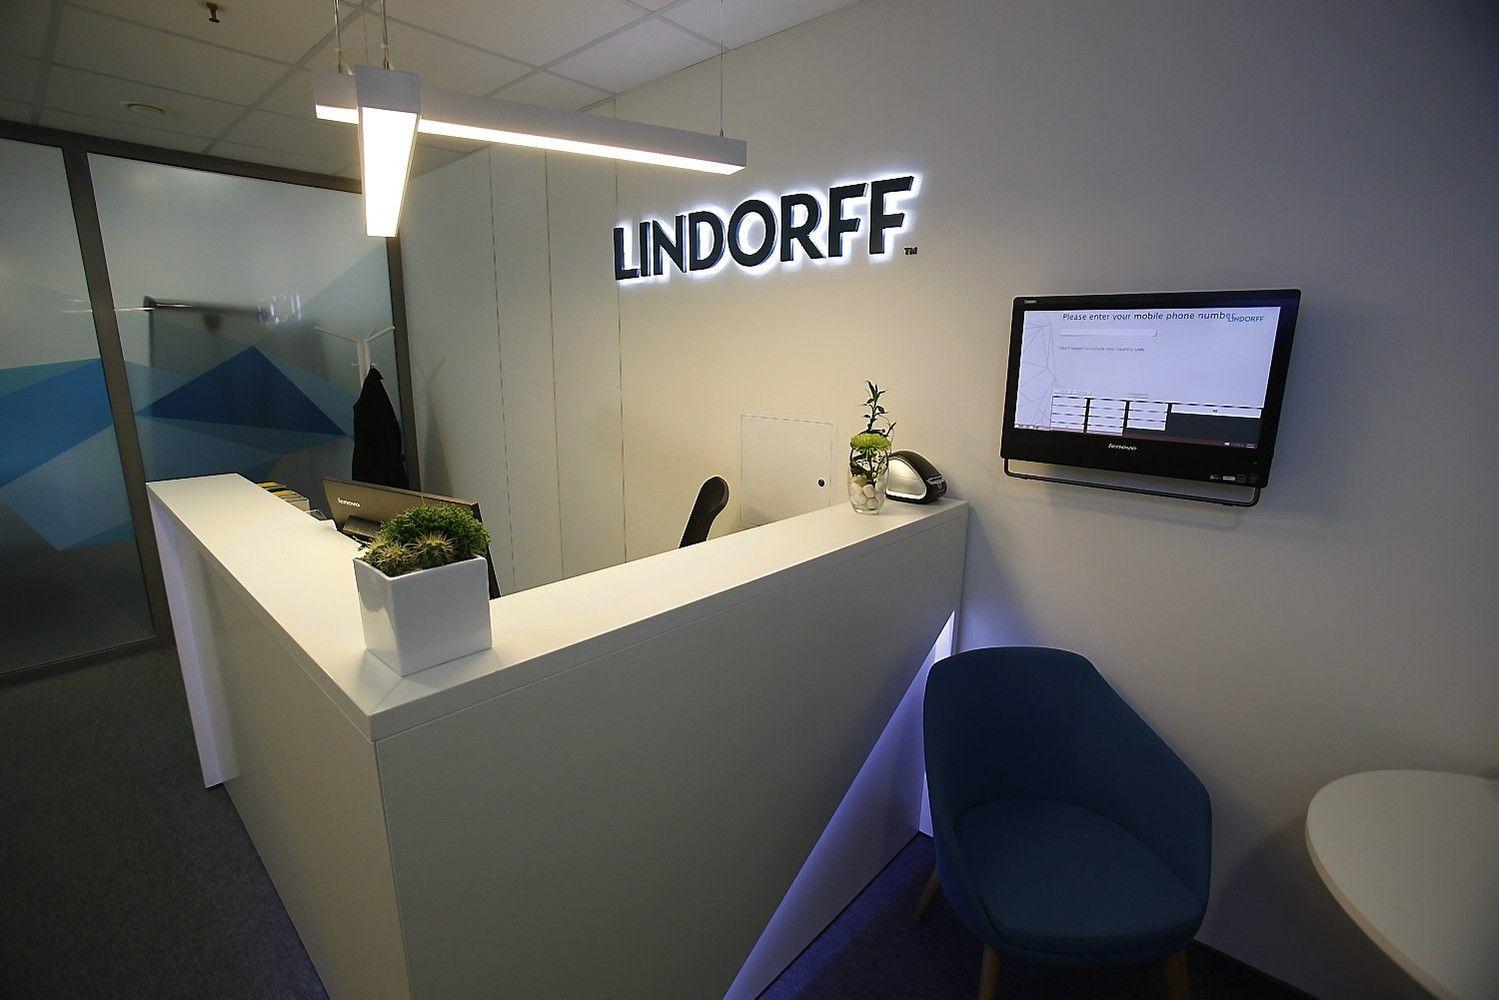 """Po jungtuvių """"Lindorff"""" žada naujų paslaugų, taikosi į viešąjį sektorių"""